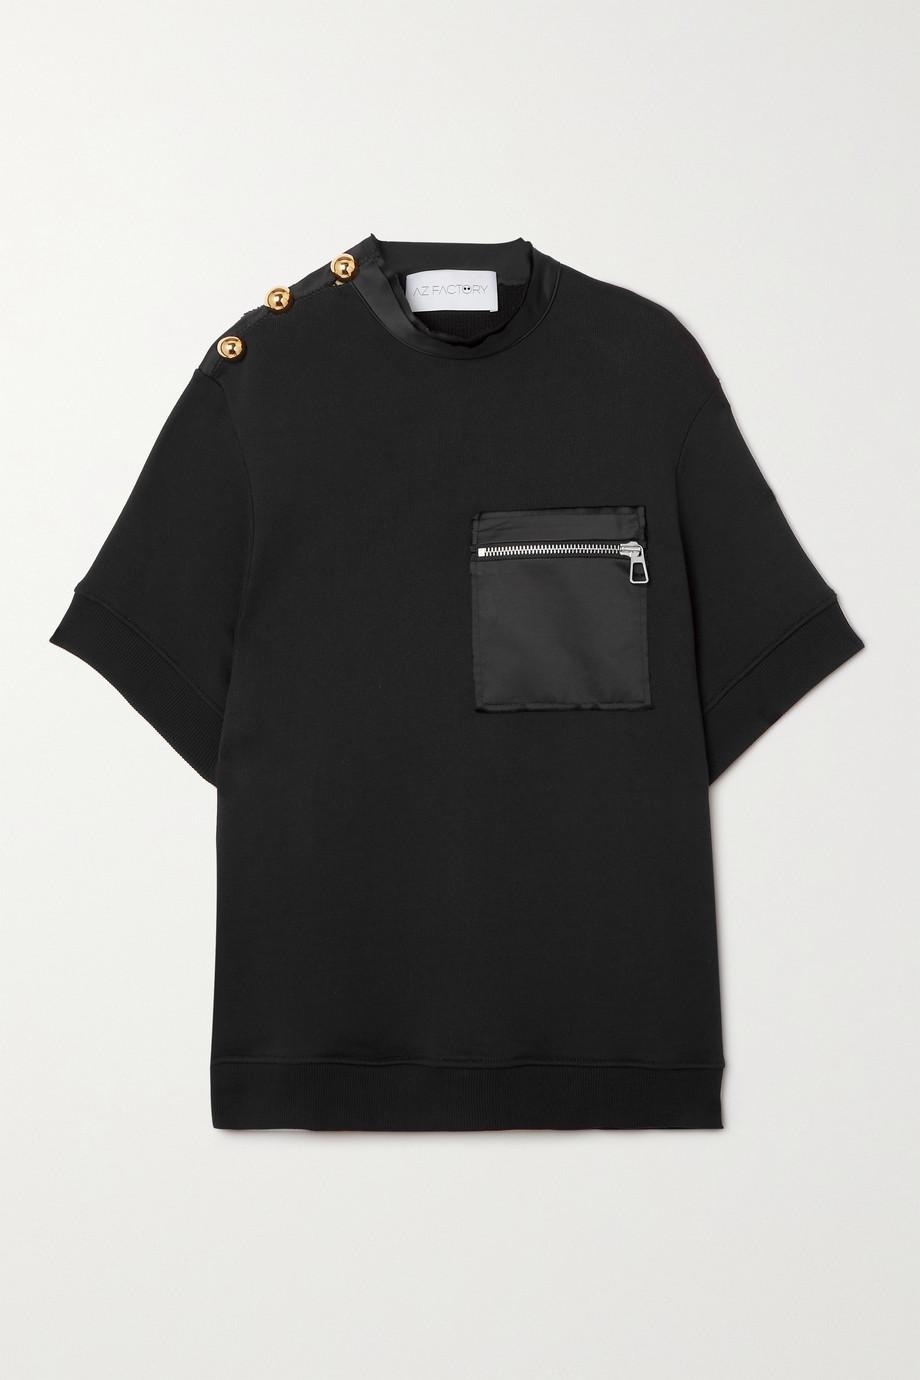 AZ Factory T-shirt oversize en jersey de coton biologique et PYRATEX SeaCell mélangés Free To